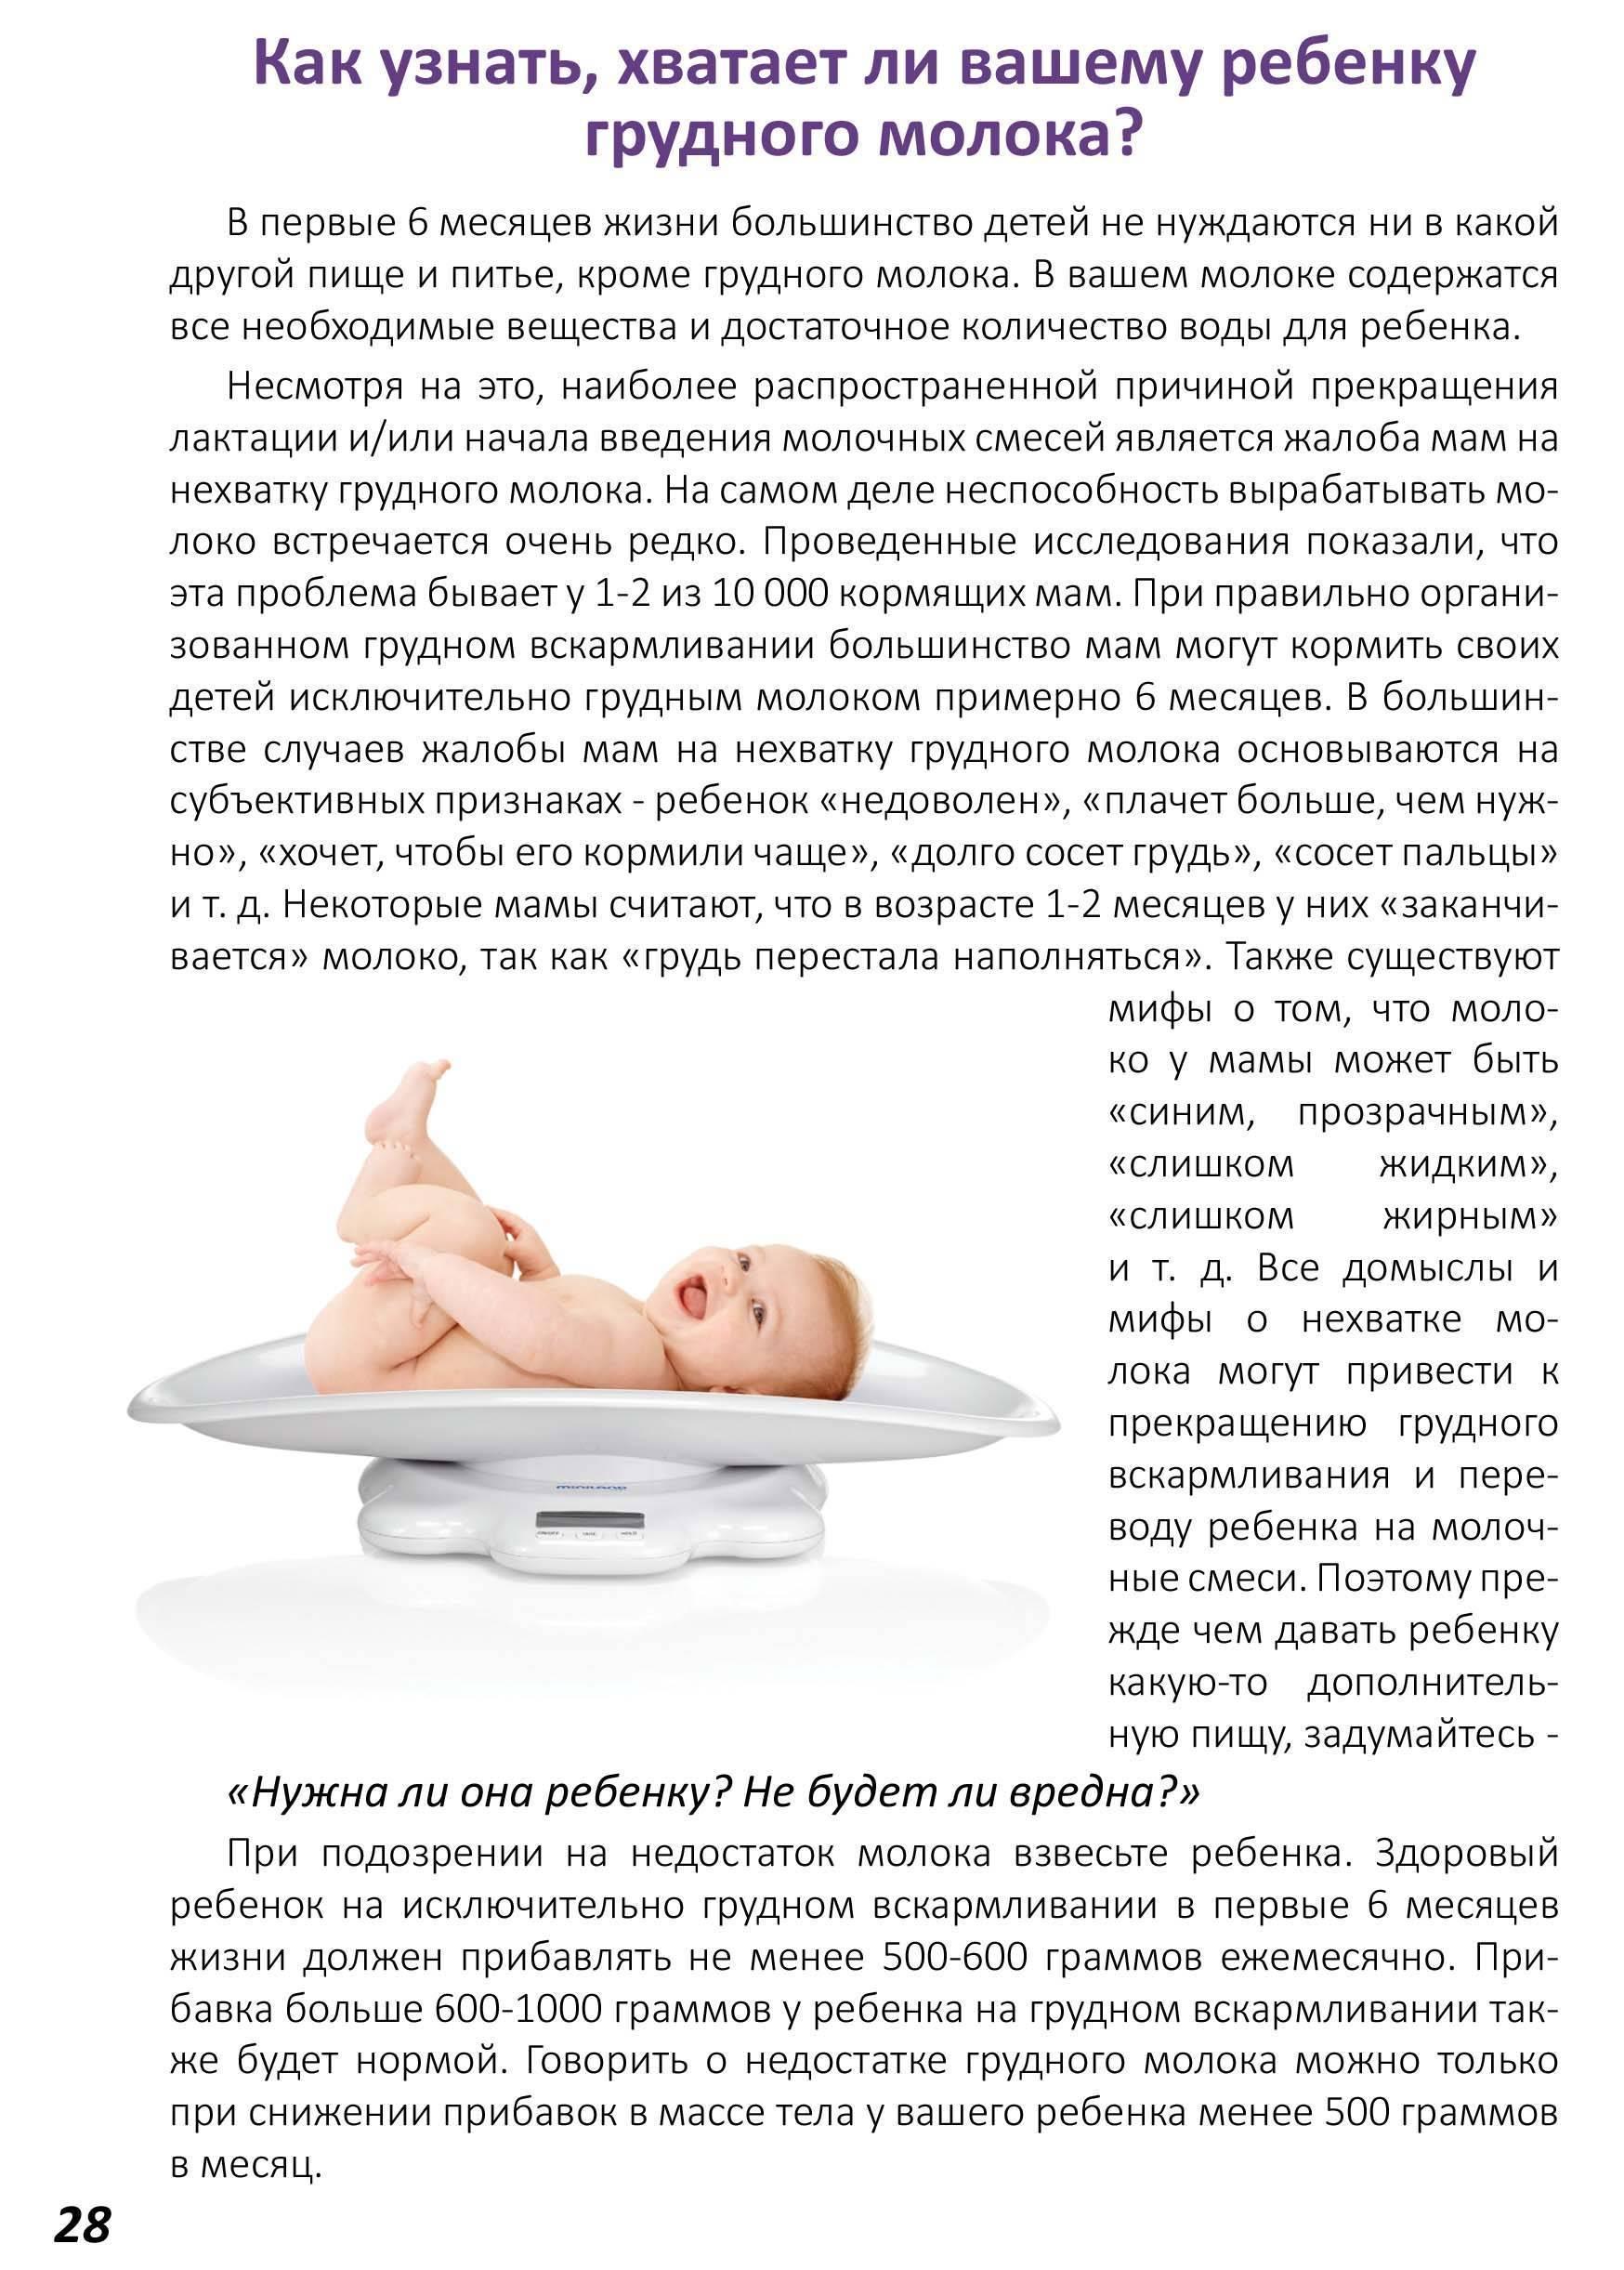 Как определить хватает ли ребенку грудного молока: 5 точных способов